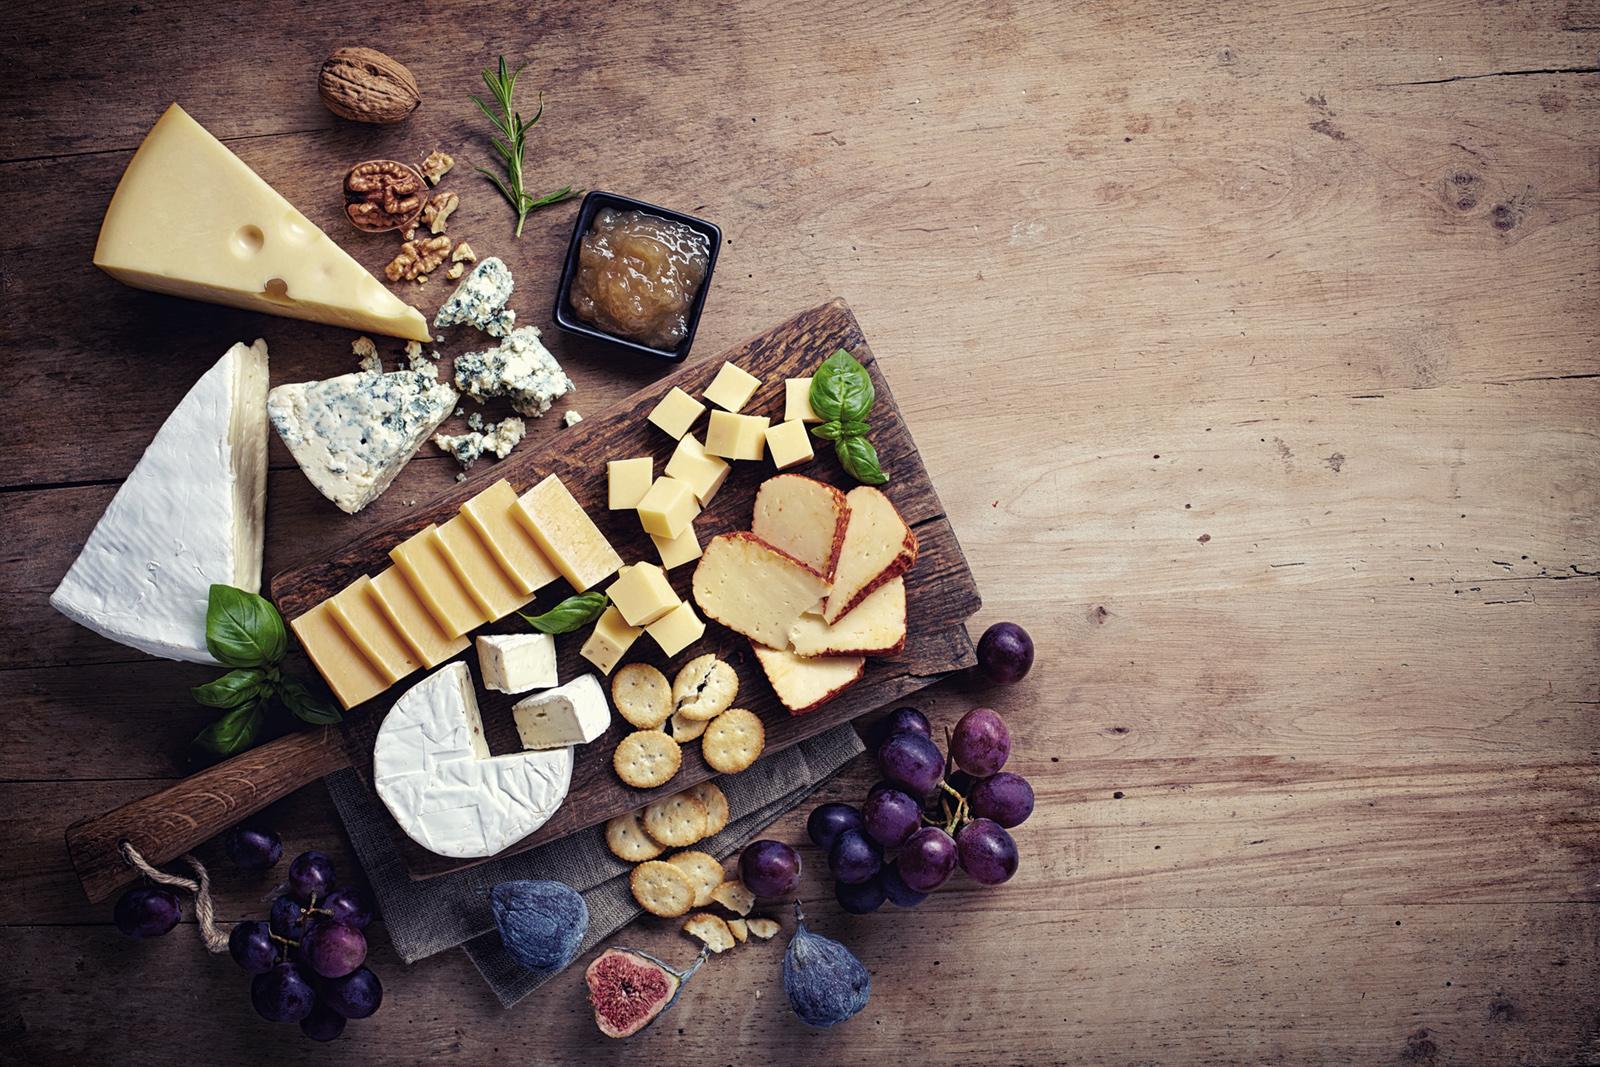 fotografie cibo formaggi prodotti